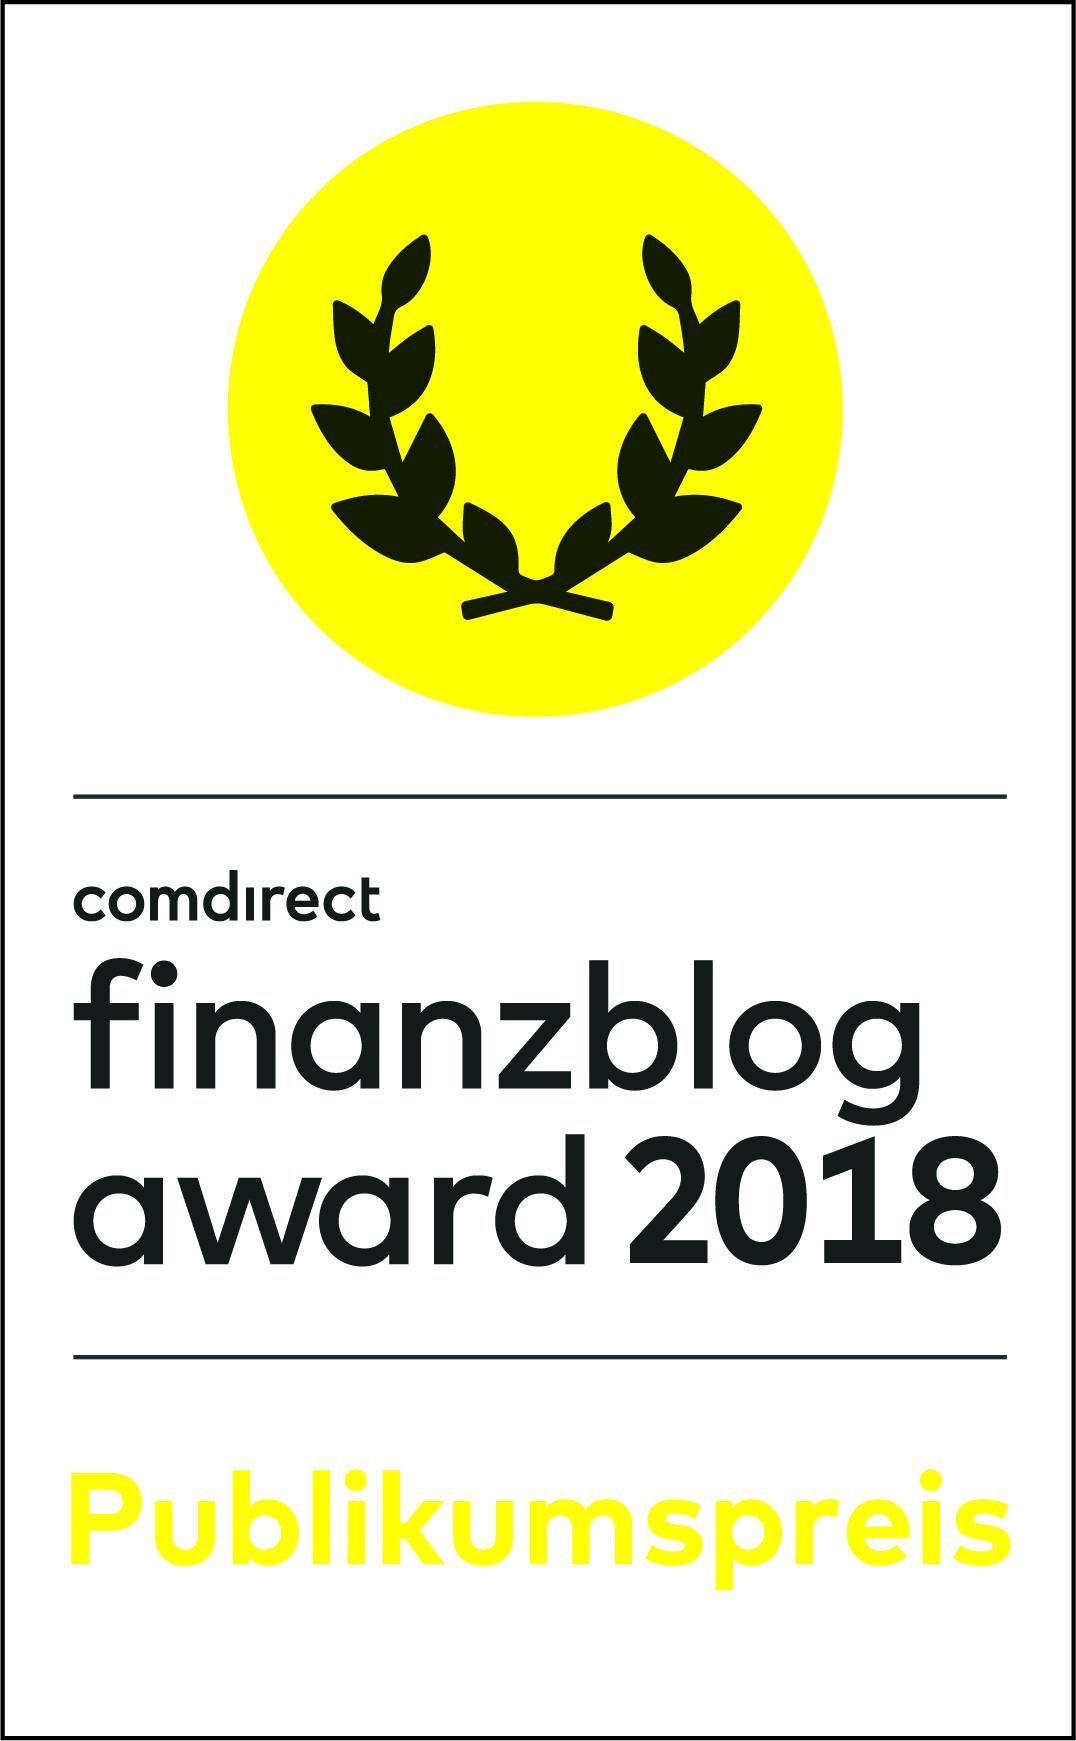 FinanzblogAward #fba18 – Du entscheidest über die Siegprämie